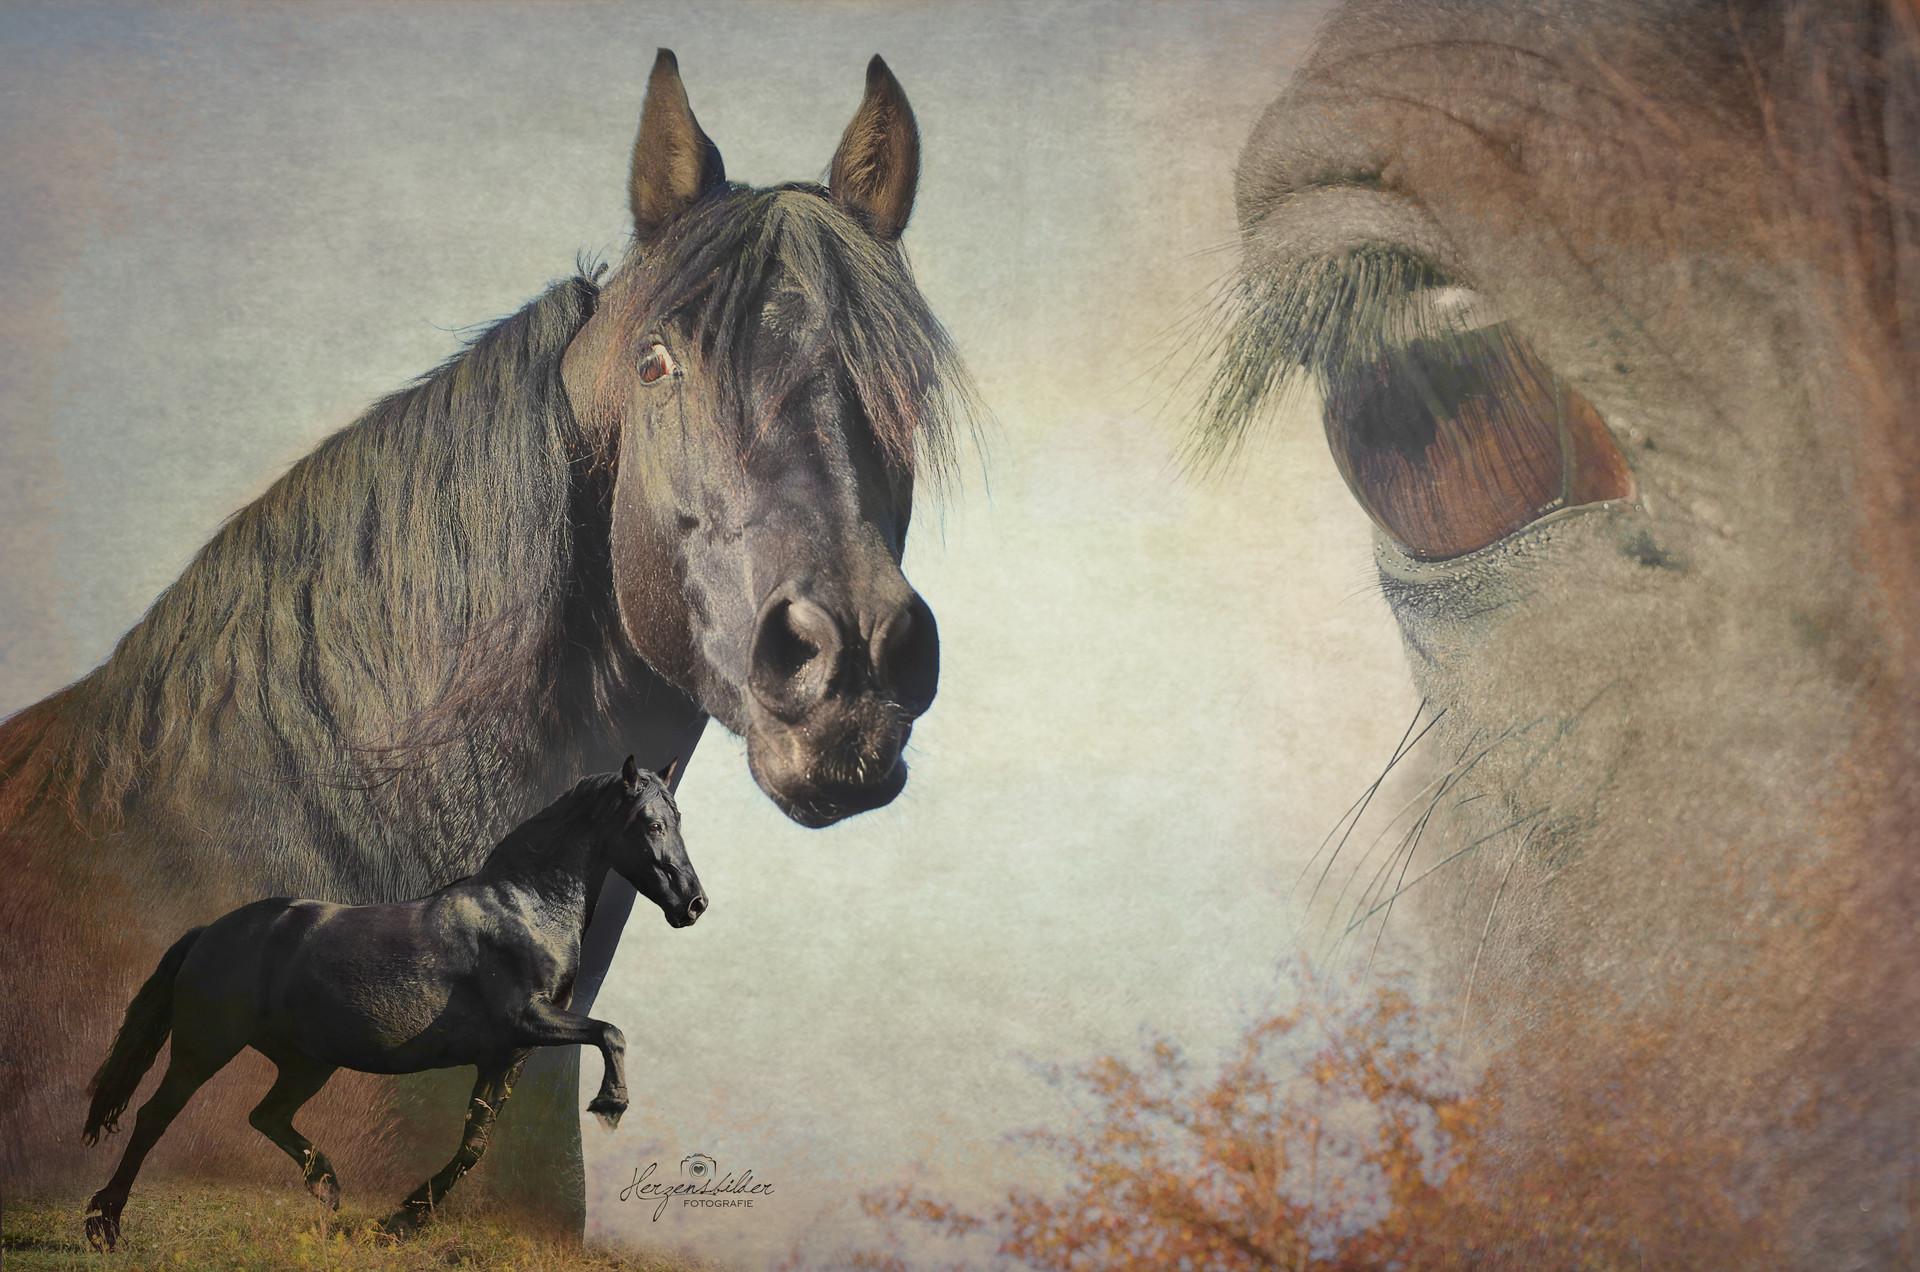 Tierfotografie Halle Tierfoto Shetty Uwe Ulrich Pferd Hengst Freiheit Araber